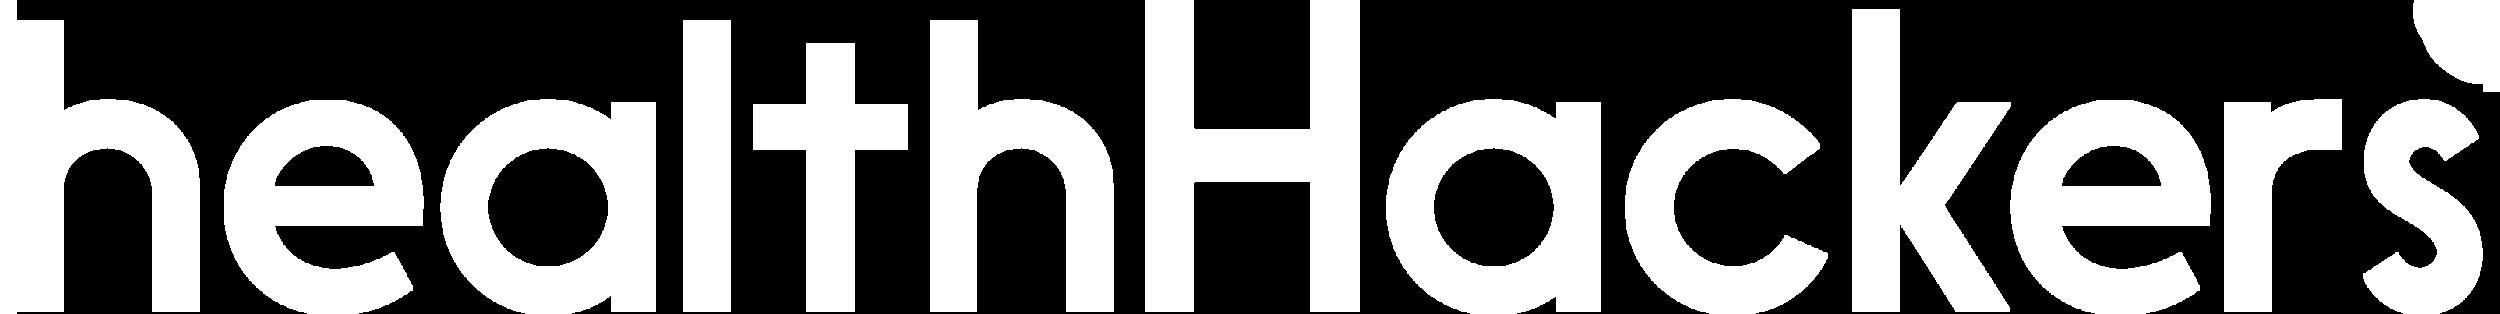 hh-web.png